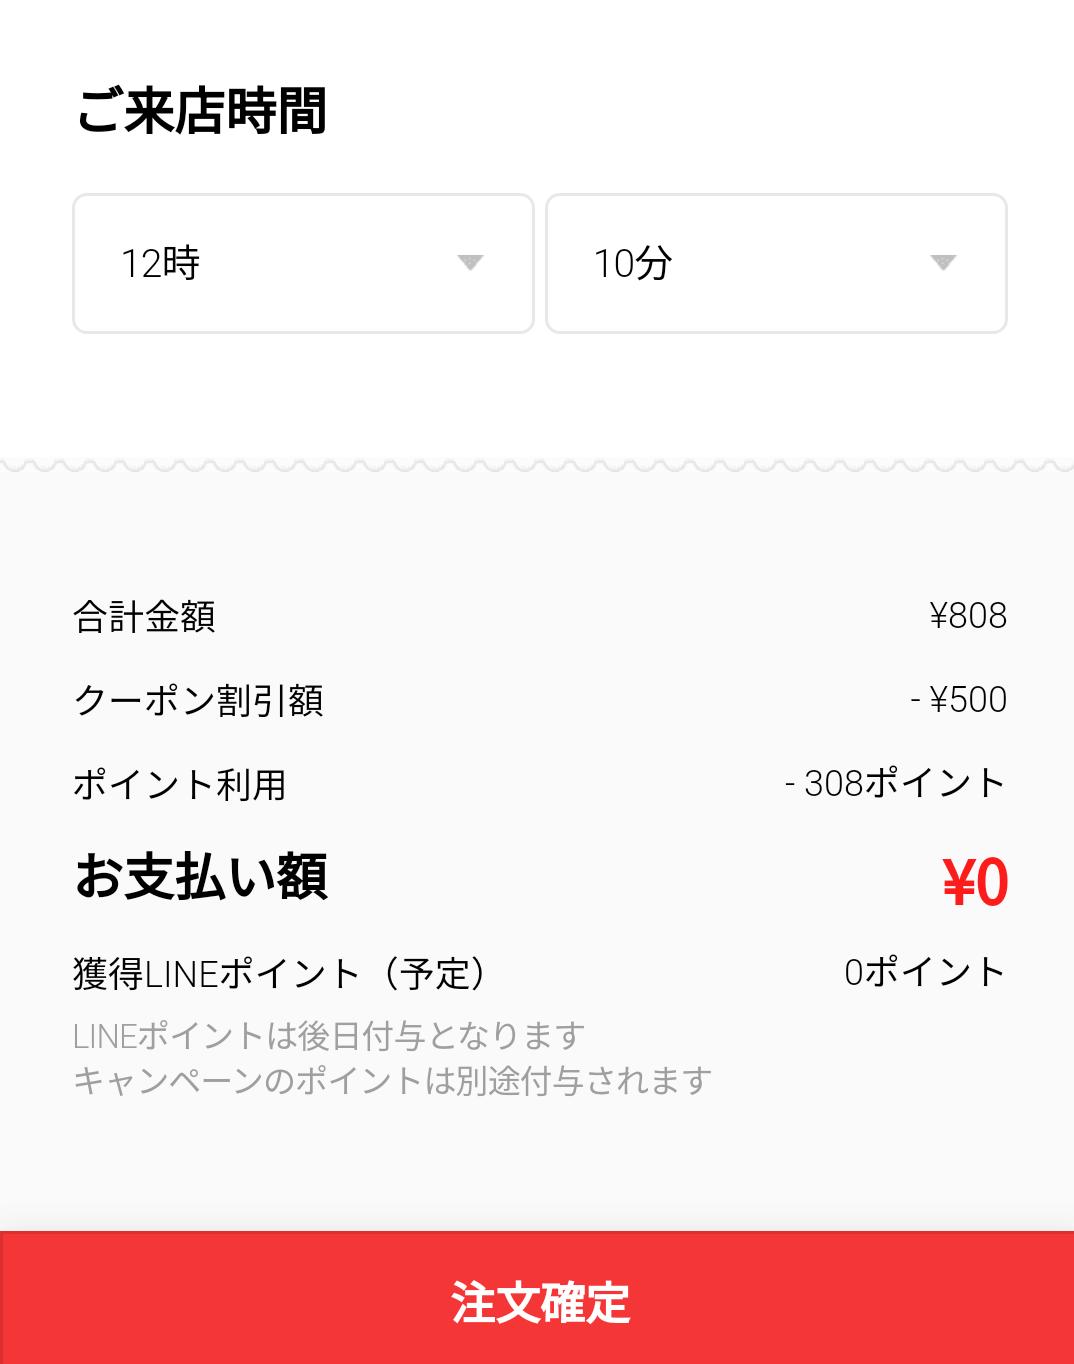 LINEポケオ支払い